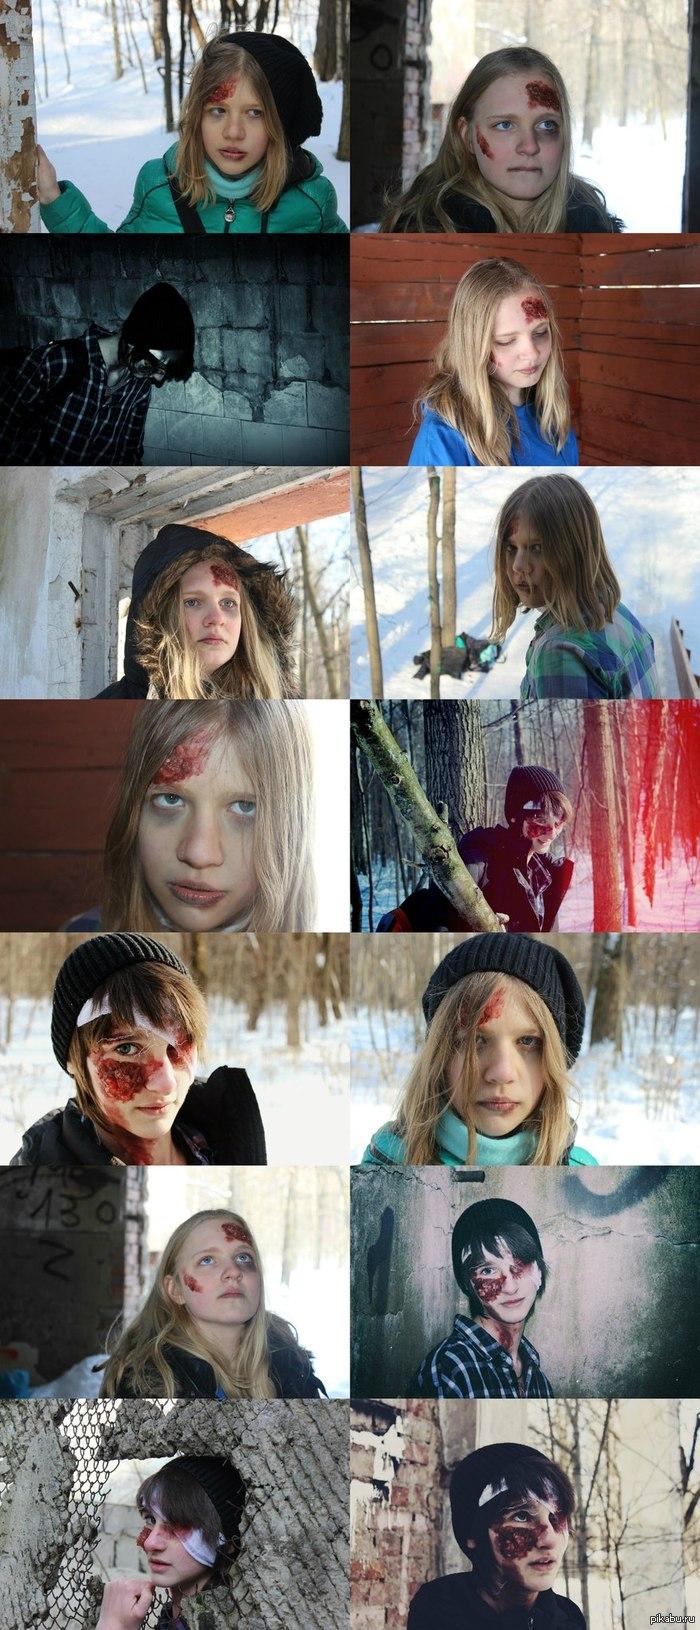 Склеивание фотографий, бесплатные ...: pictures11.ru/skleivanie-fotografij.html